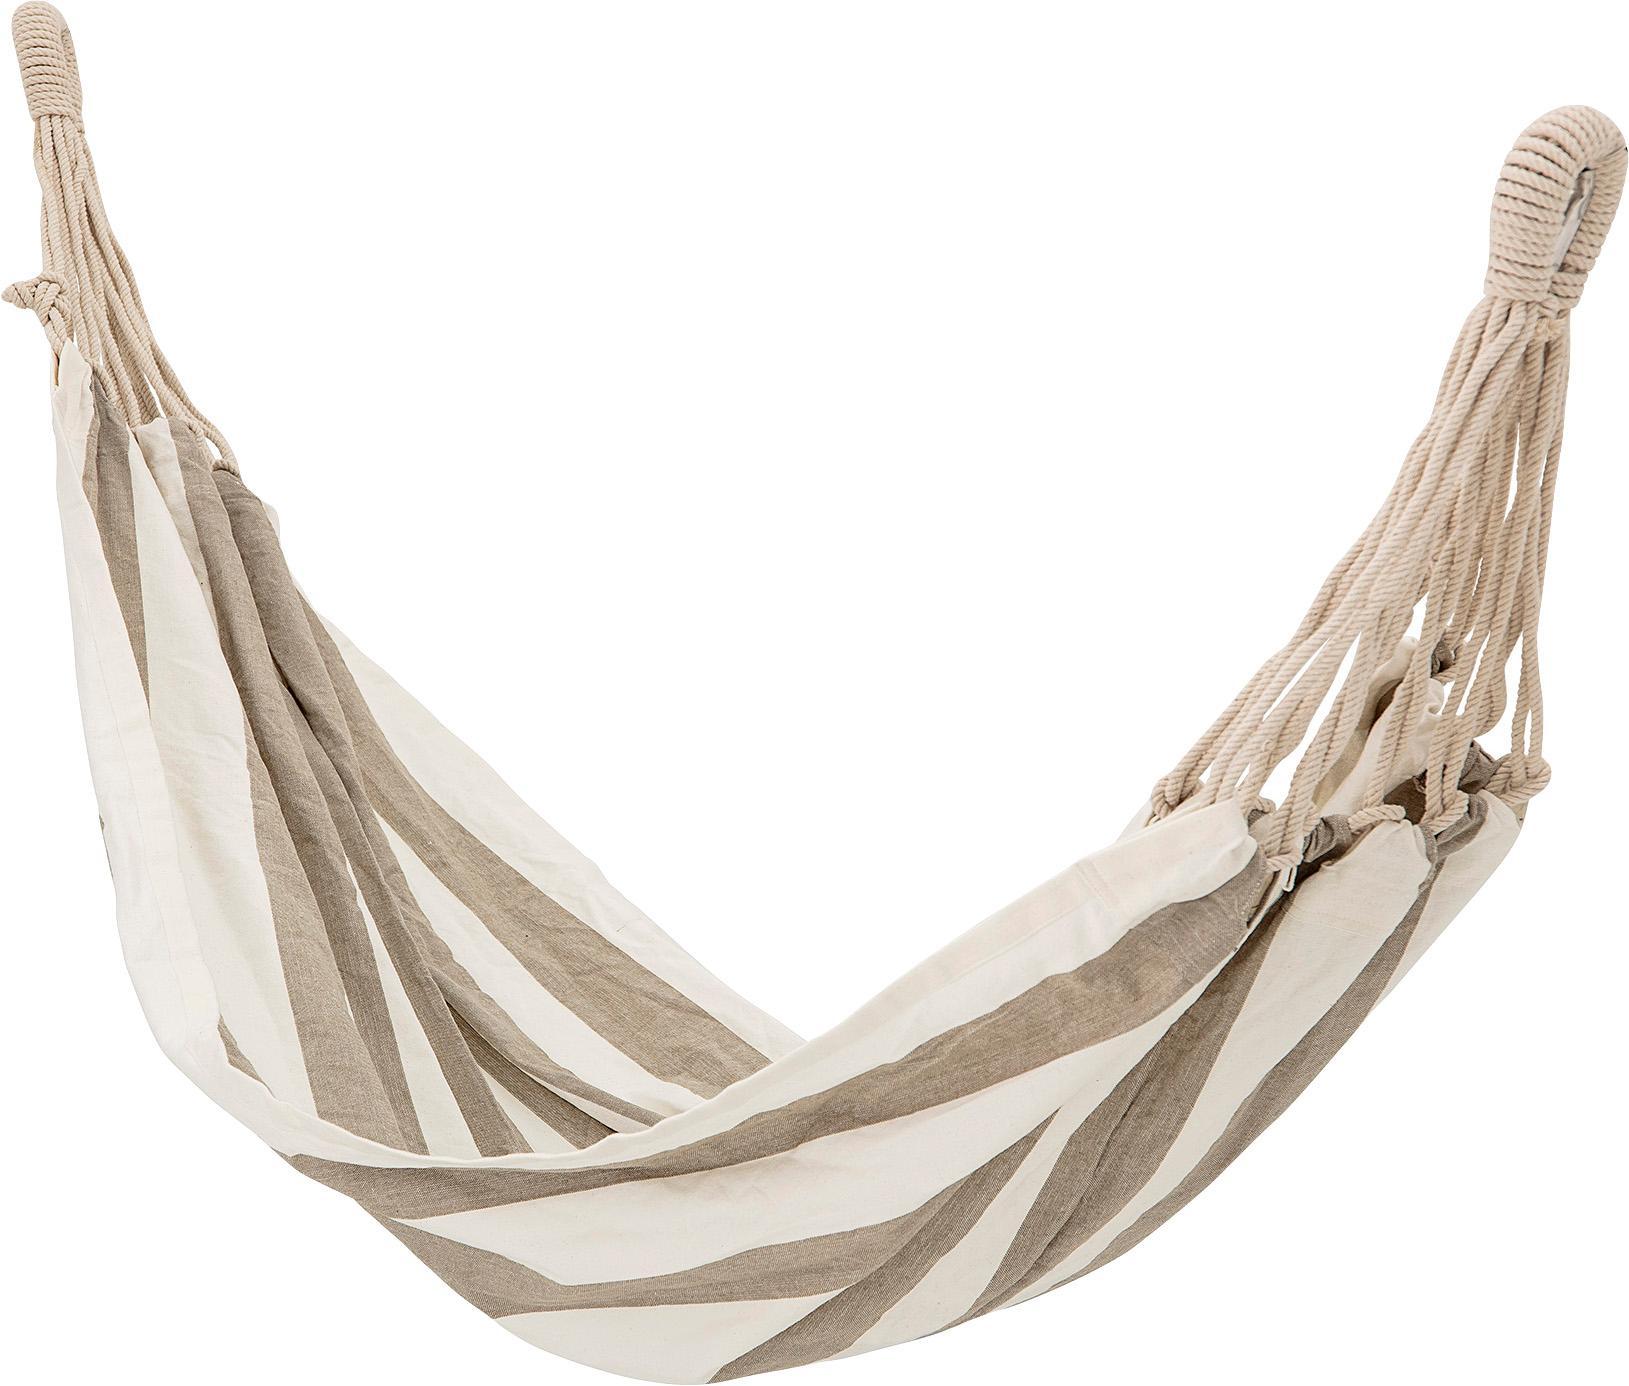 Hängematte Lazy aus Baumwolle mit gestreiftem Muster, Baumwolle, Weiss, Beige, 100 x 270 cm